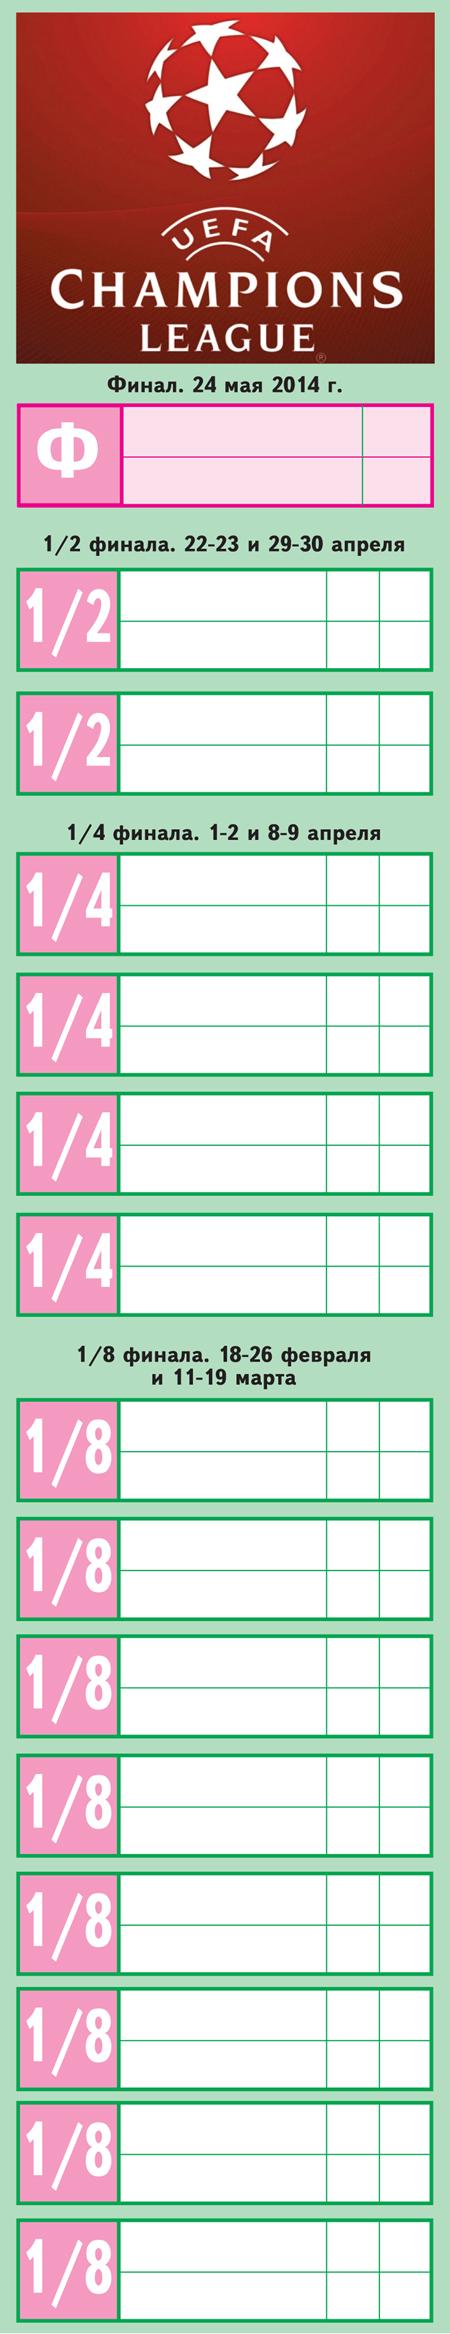 календарь лиги чемпионов